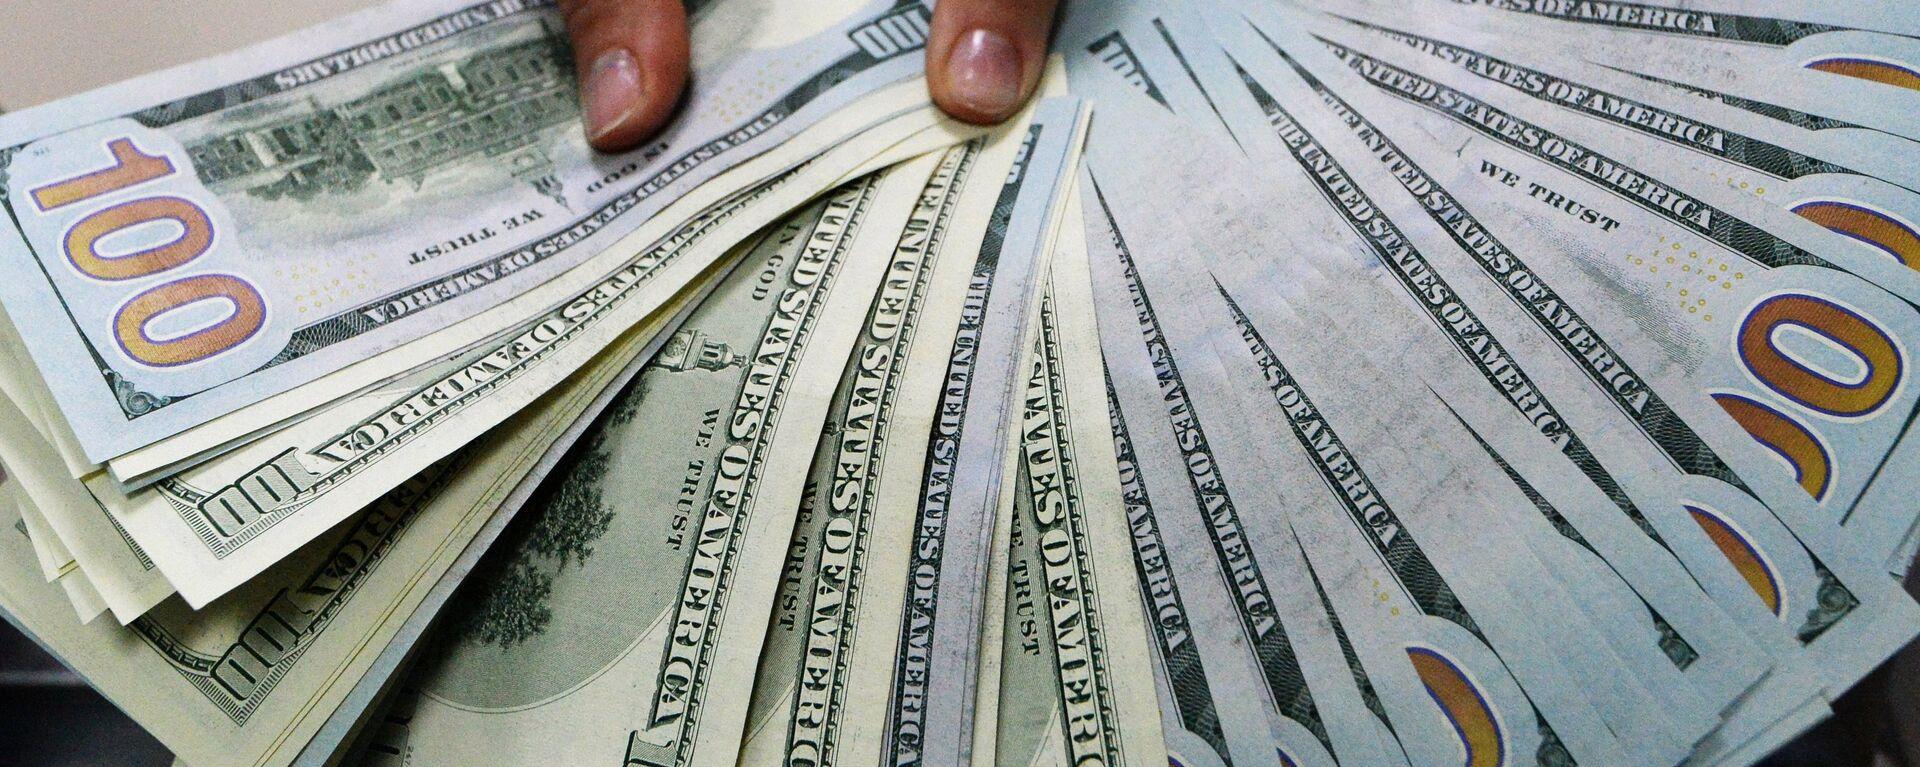 Billetes de 100 dólares (imagen referencial) - Sputnik Mundo, 1920, 09.07.2021